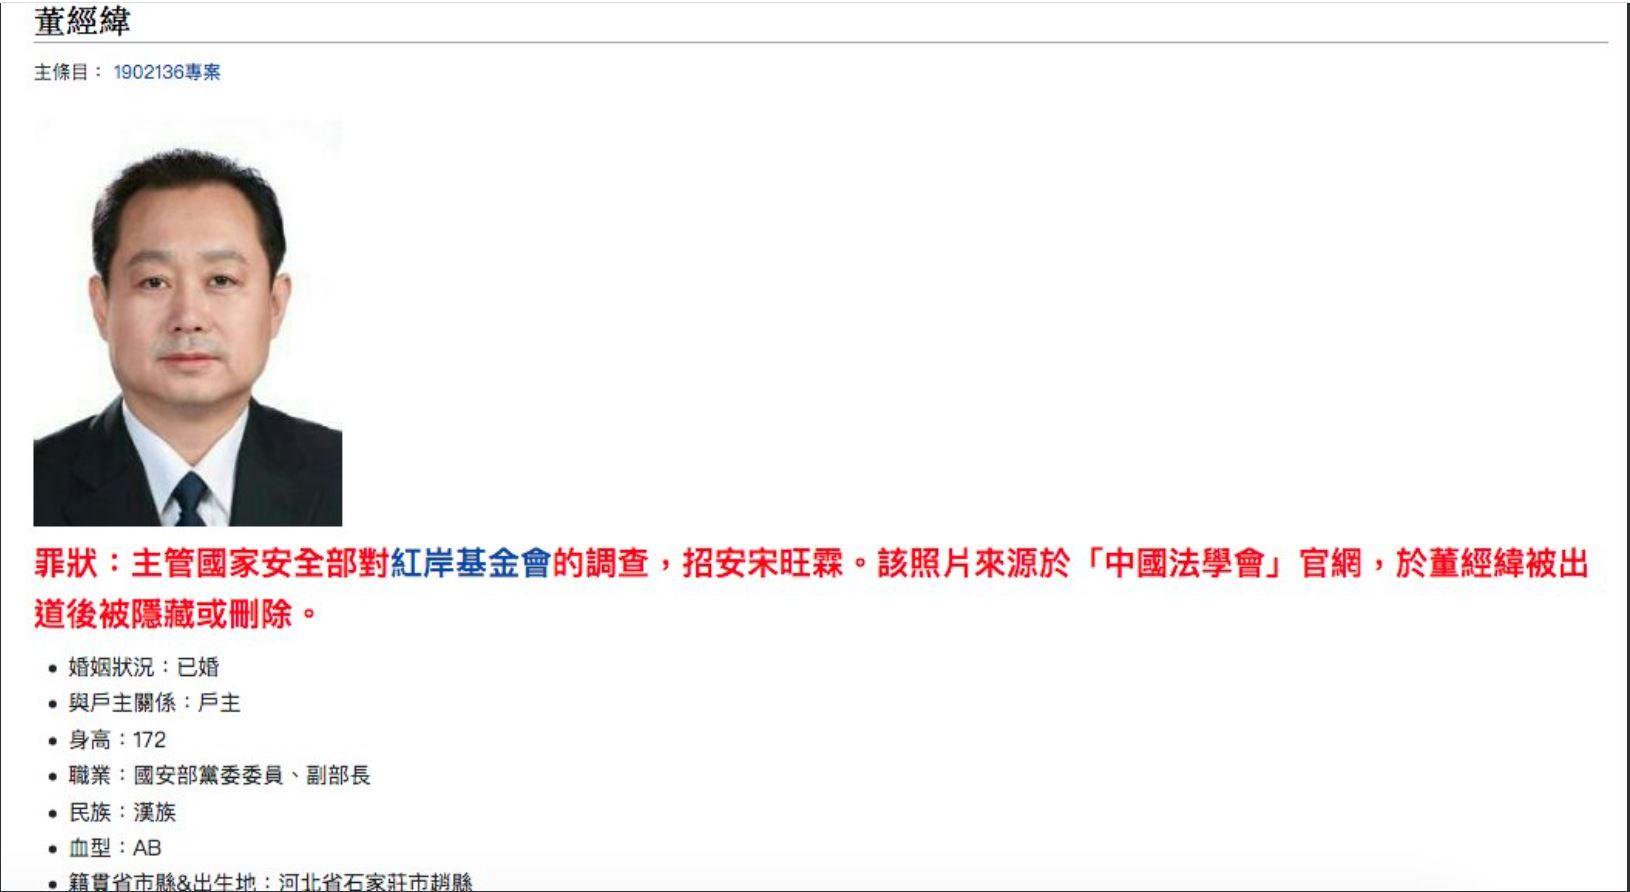 近日,美國媒體相繼曝出,中共史上最高級別的出逃者正是中共國安部副部長董經緯。圖爲網傳的董經緯照片。(推特截圖)